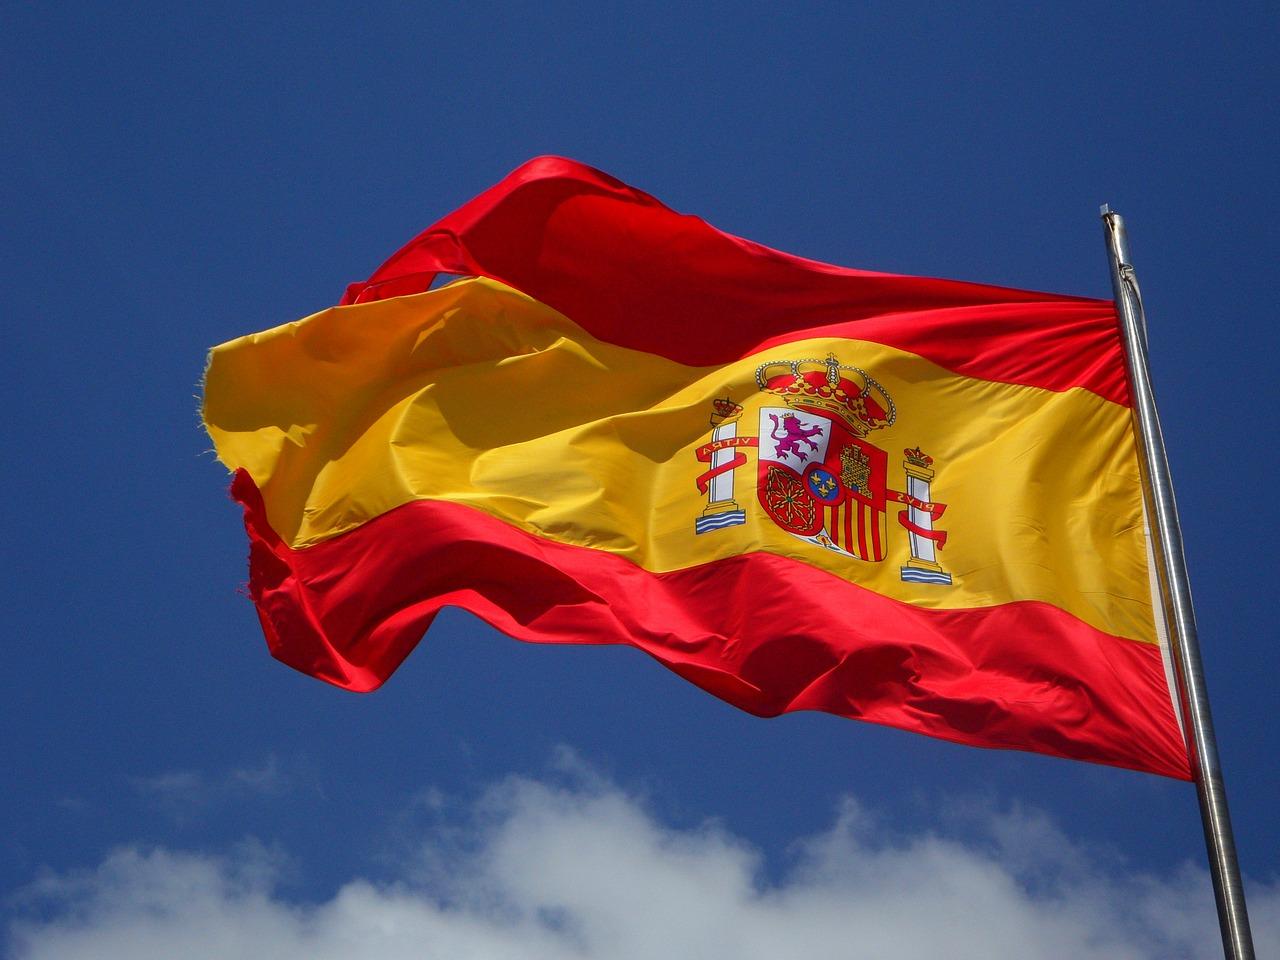 ¡Olé! Hiszpania dla dociekliwych. Spotkanie literackie i warsztaty